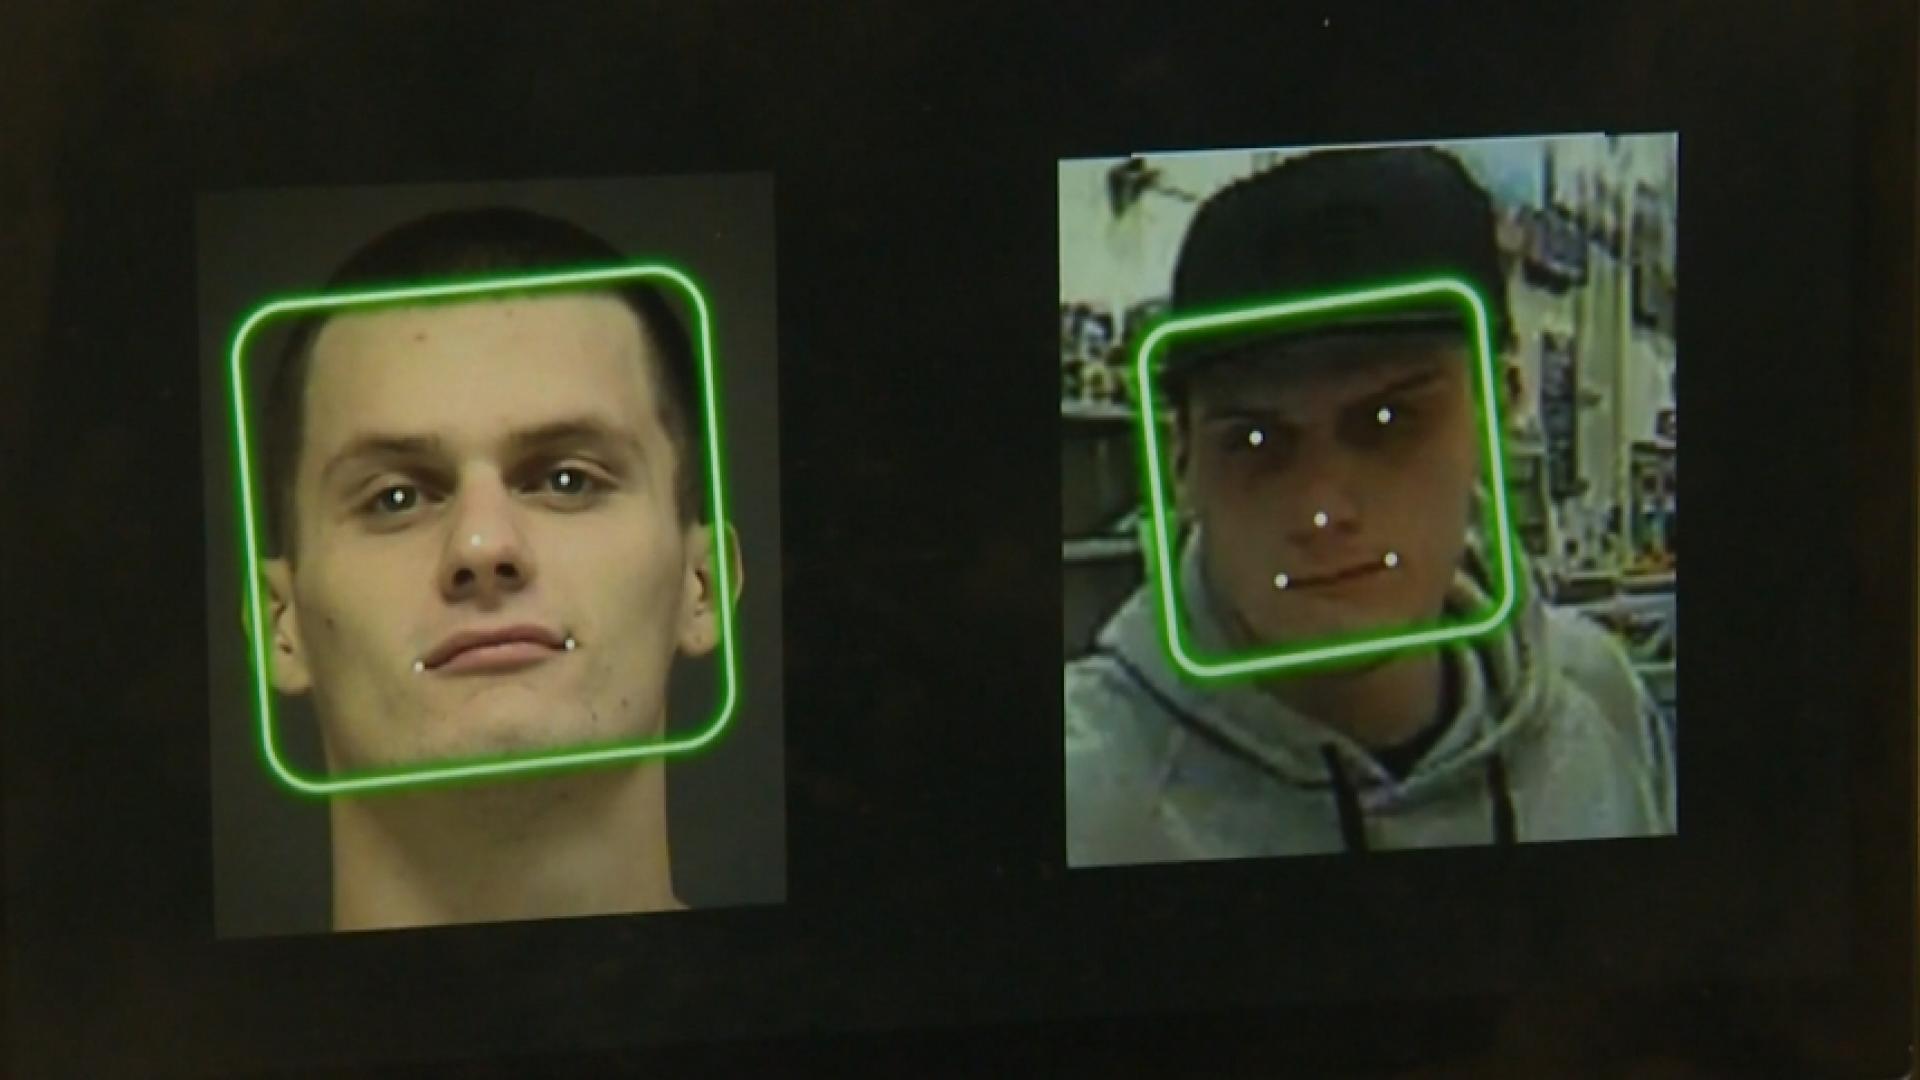 NC_facialrecognition0523_1920x1080_1527103738342.jpg